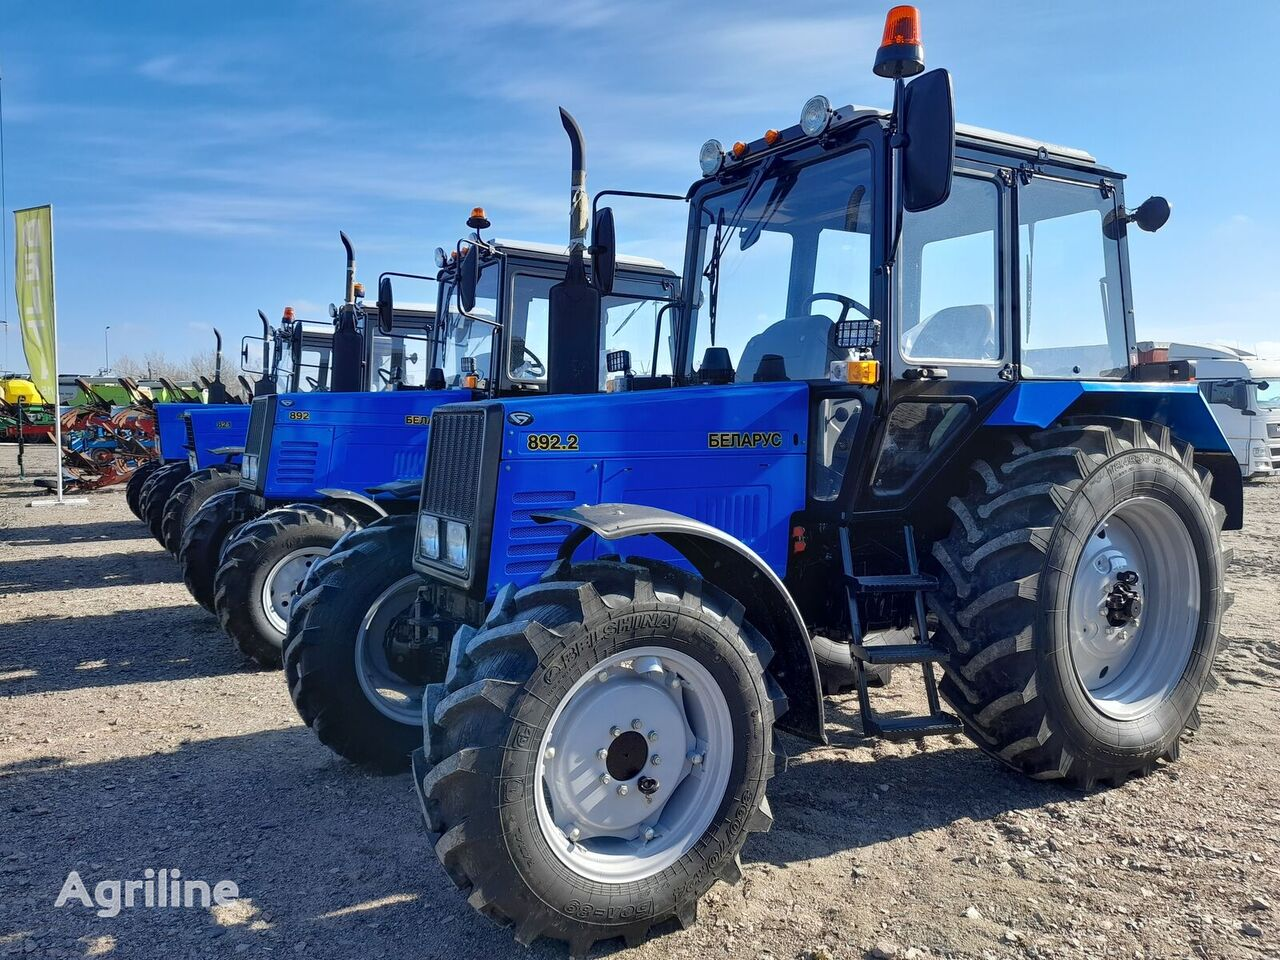 new MTZ 892.2 | V nyavnosti vsi modeli! wheel tractor